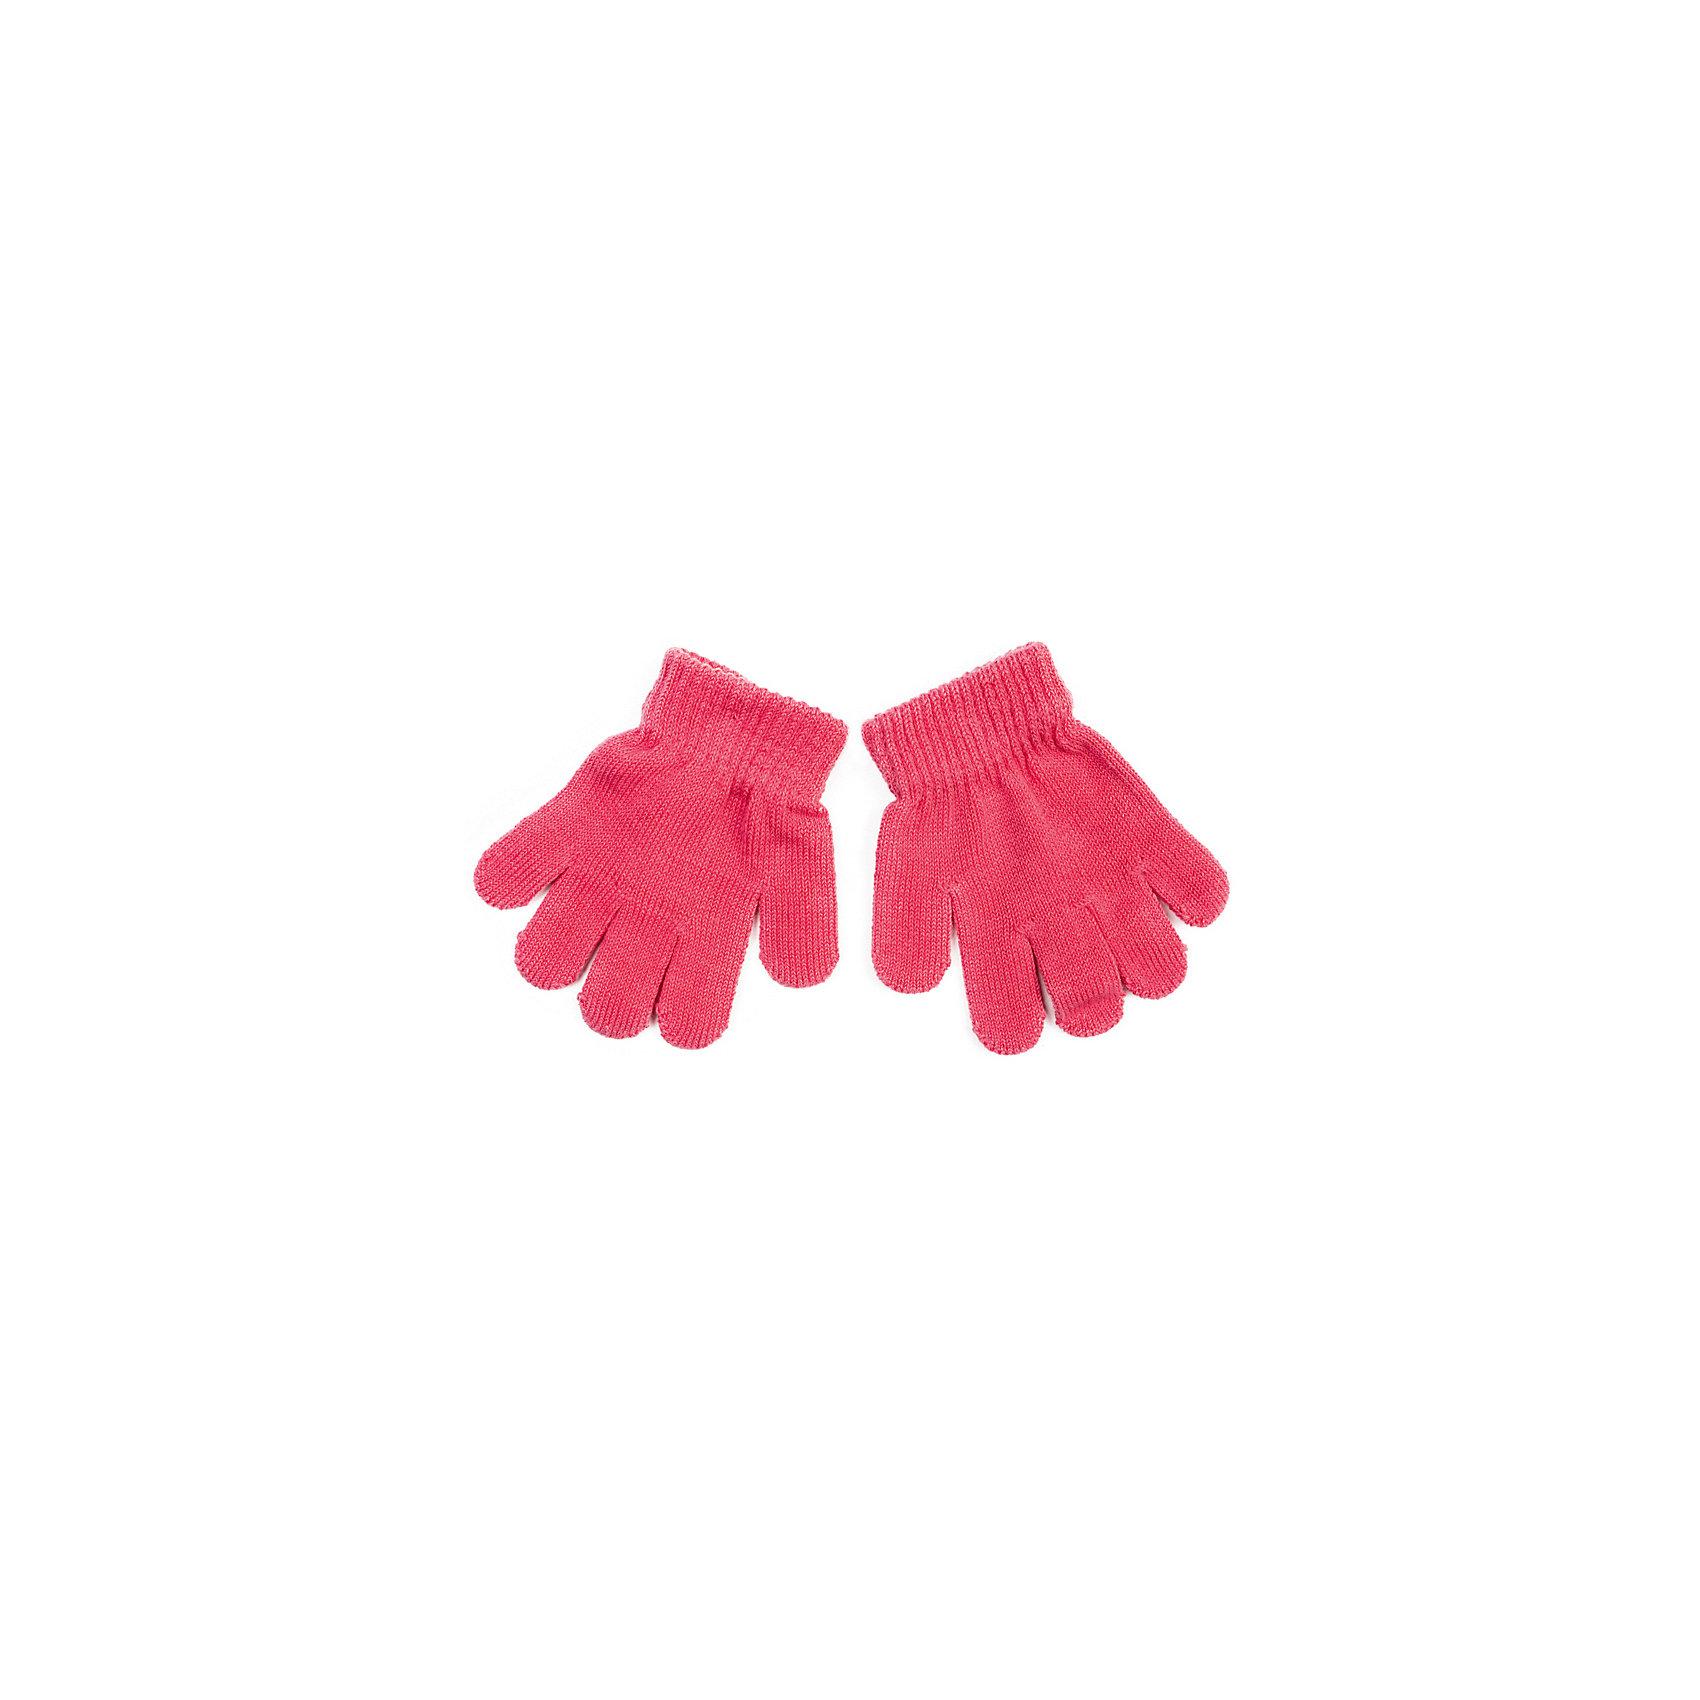 Перчатки PlayToday для девочкиПерчатки, варежки<br>Перчатки PlayToday для девочки<br>Вязаные перчатки из пряжи нежных оттенков станут идеальным вариантом для прохладной погоды. Они очень мягкие, хорошо тянутся и прекрасно сохраняют тепло. На манжетах - плотная резинка, которая хорошо держит перчатки на руках ребенка.<br>Состав:<br>80% хлопок, 18% нейлон, 2% эластан<br><br>Ширина мм: 162<br>Глубина мм: 171<br>Высота мм: 55<br>Вес г: 119<br>Цвет: розовый<br>Возраст от месяцев: 24<br>Возраст до месяцев: 36<br>Пол: Женский<br>Возраст: Детский<br>Размер: 1,0<br>SKU: 7106348